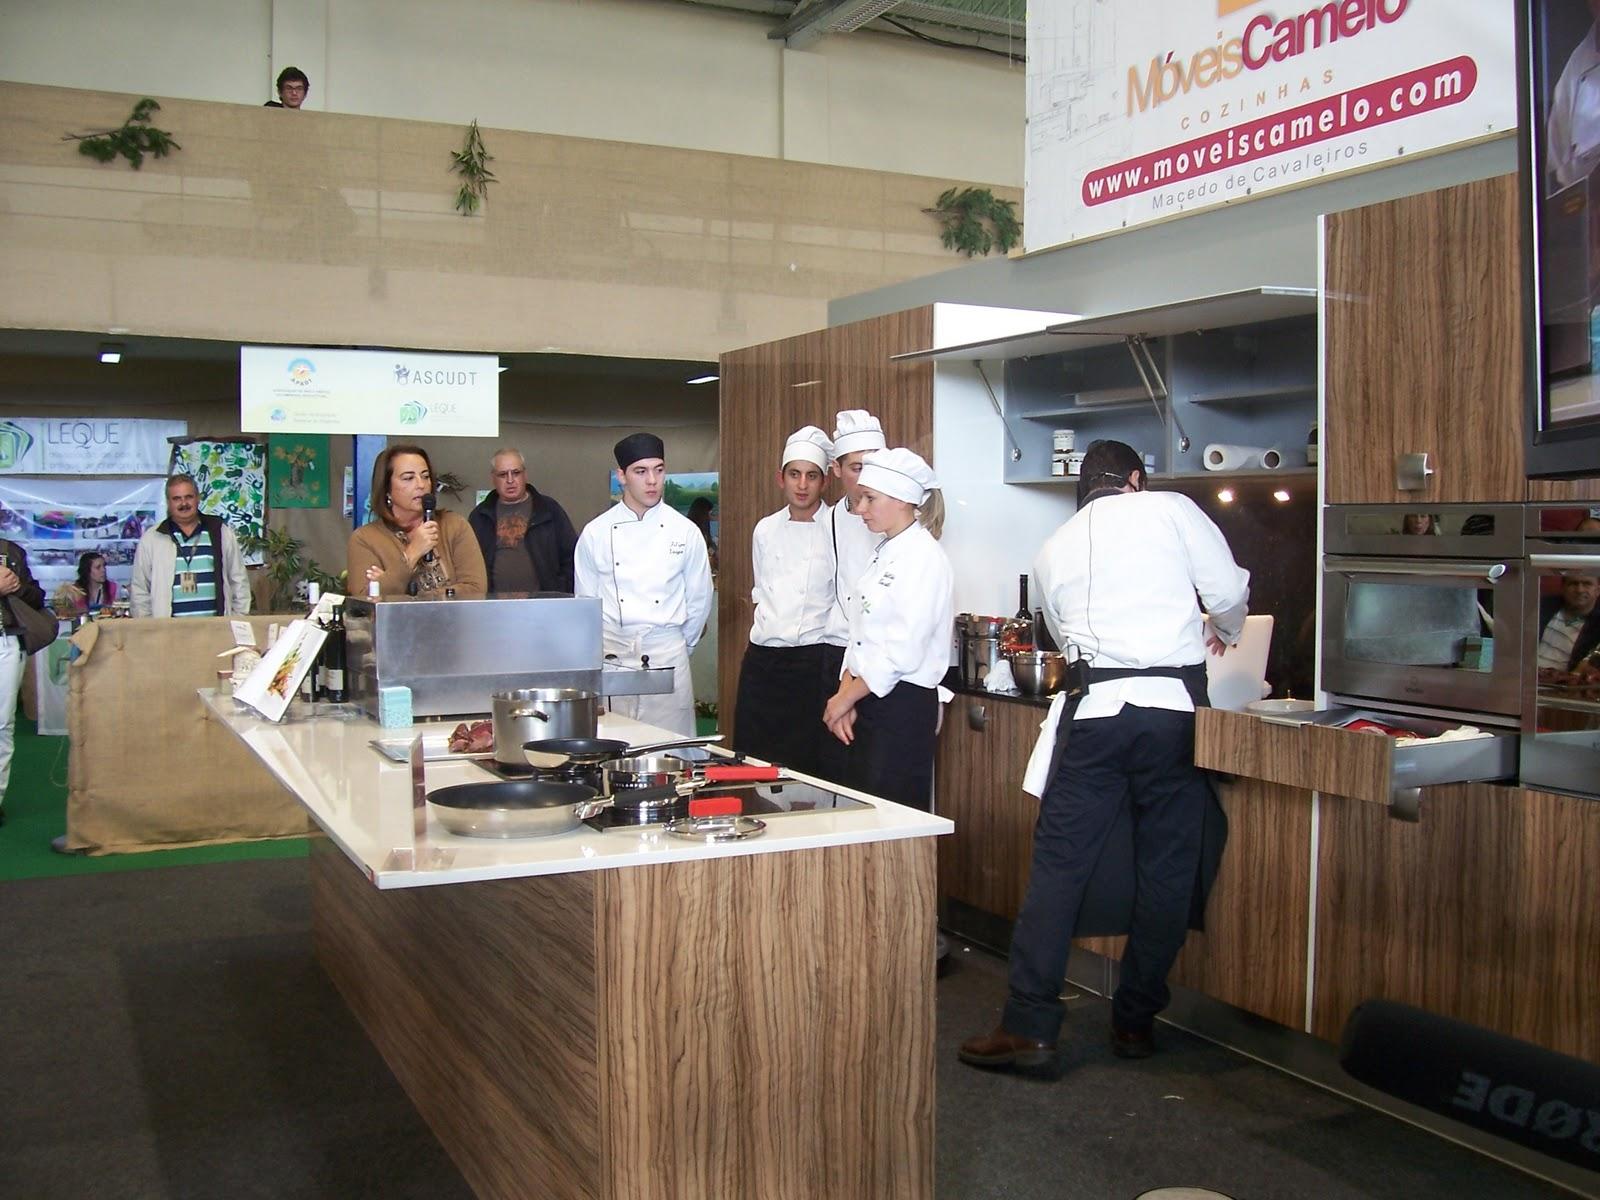 #466585 COZINHA EXPERIMENTAL Eventos: NORCAÇA 2011 1600x1200 px Projeto Cozinha Experimental Na Escola #2535 imagens